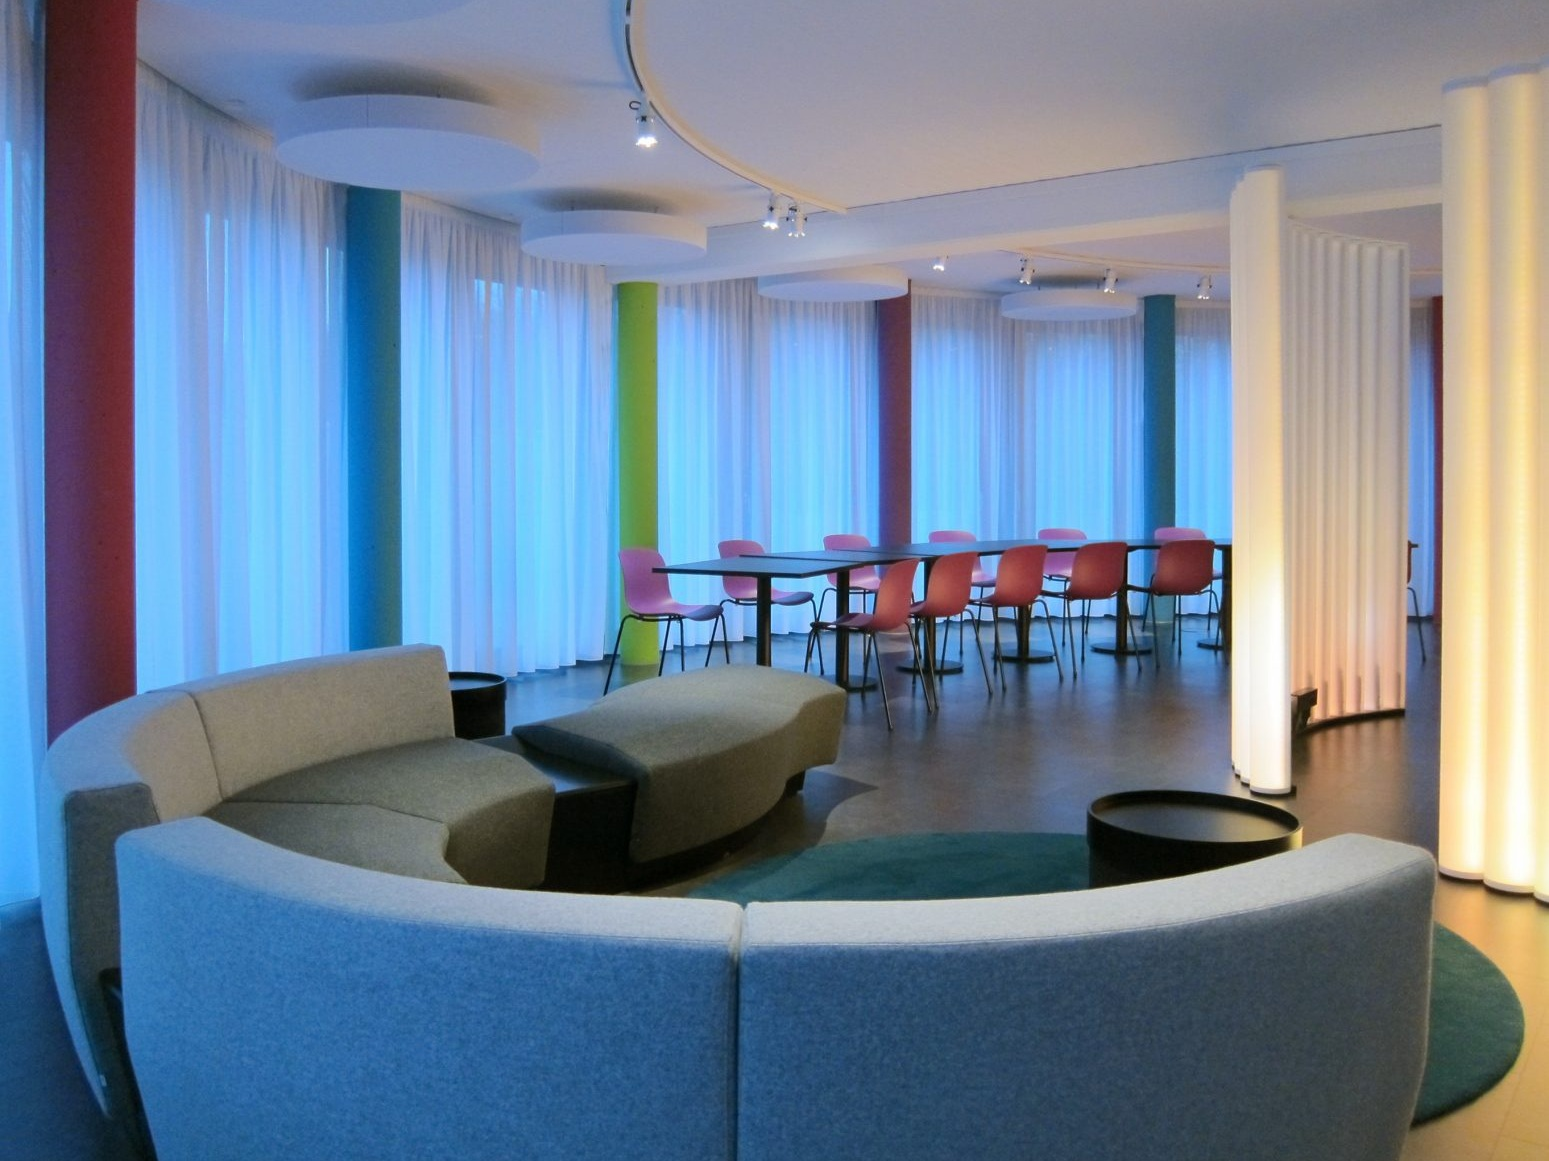 Pausen- und Präsentationsraum - Lounge und Tische